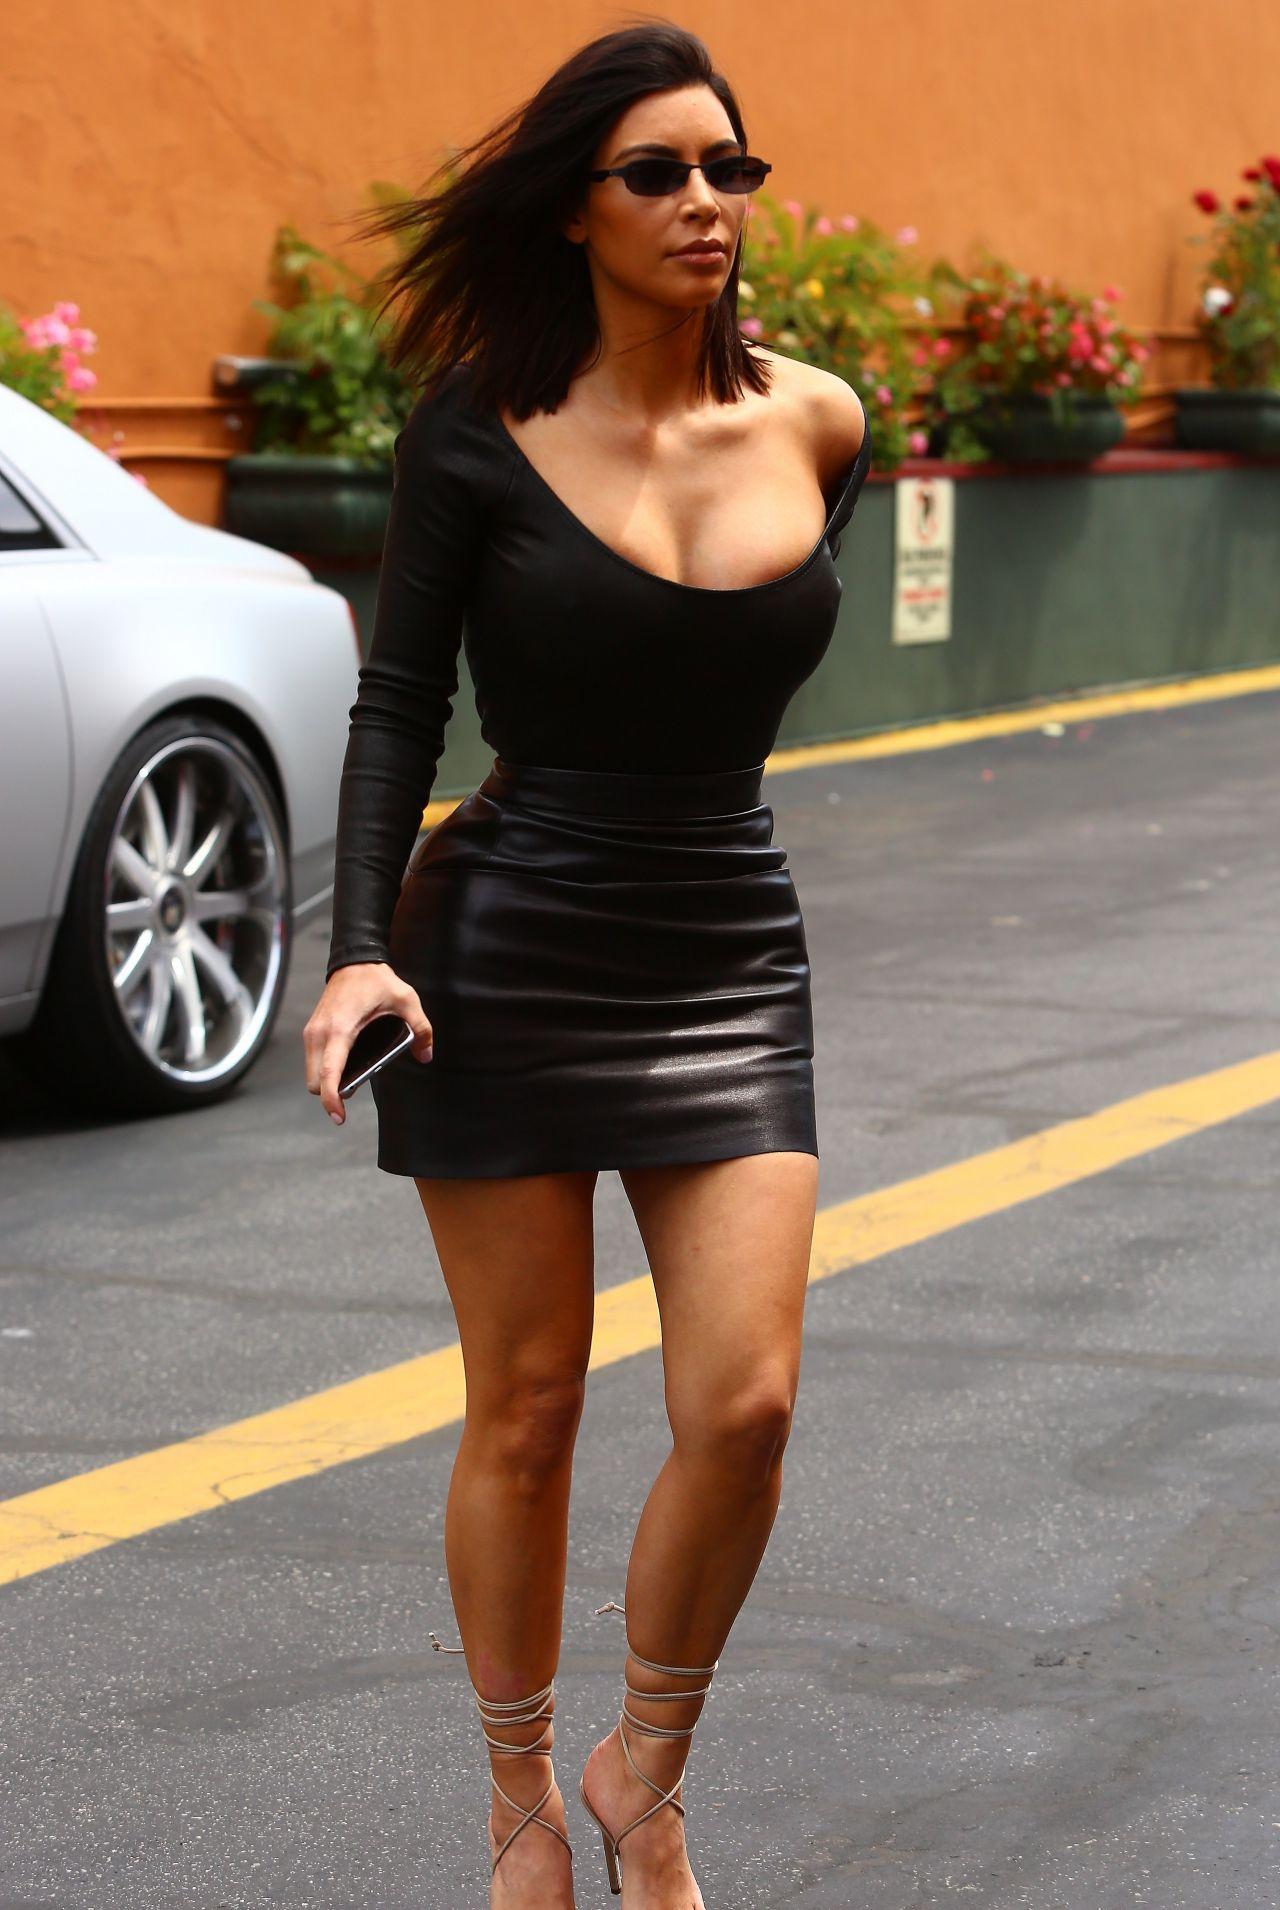 Kim Kardashian in Skintight Black Outfit - Arrives to Film ... Kim Kardashian